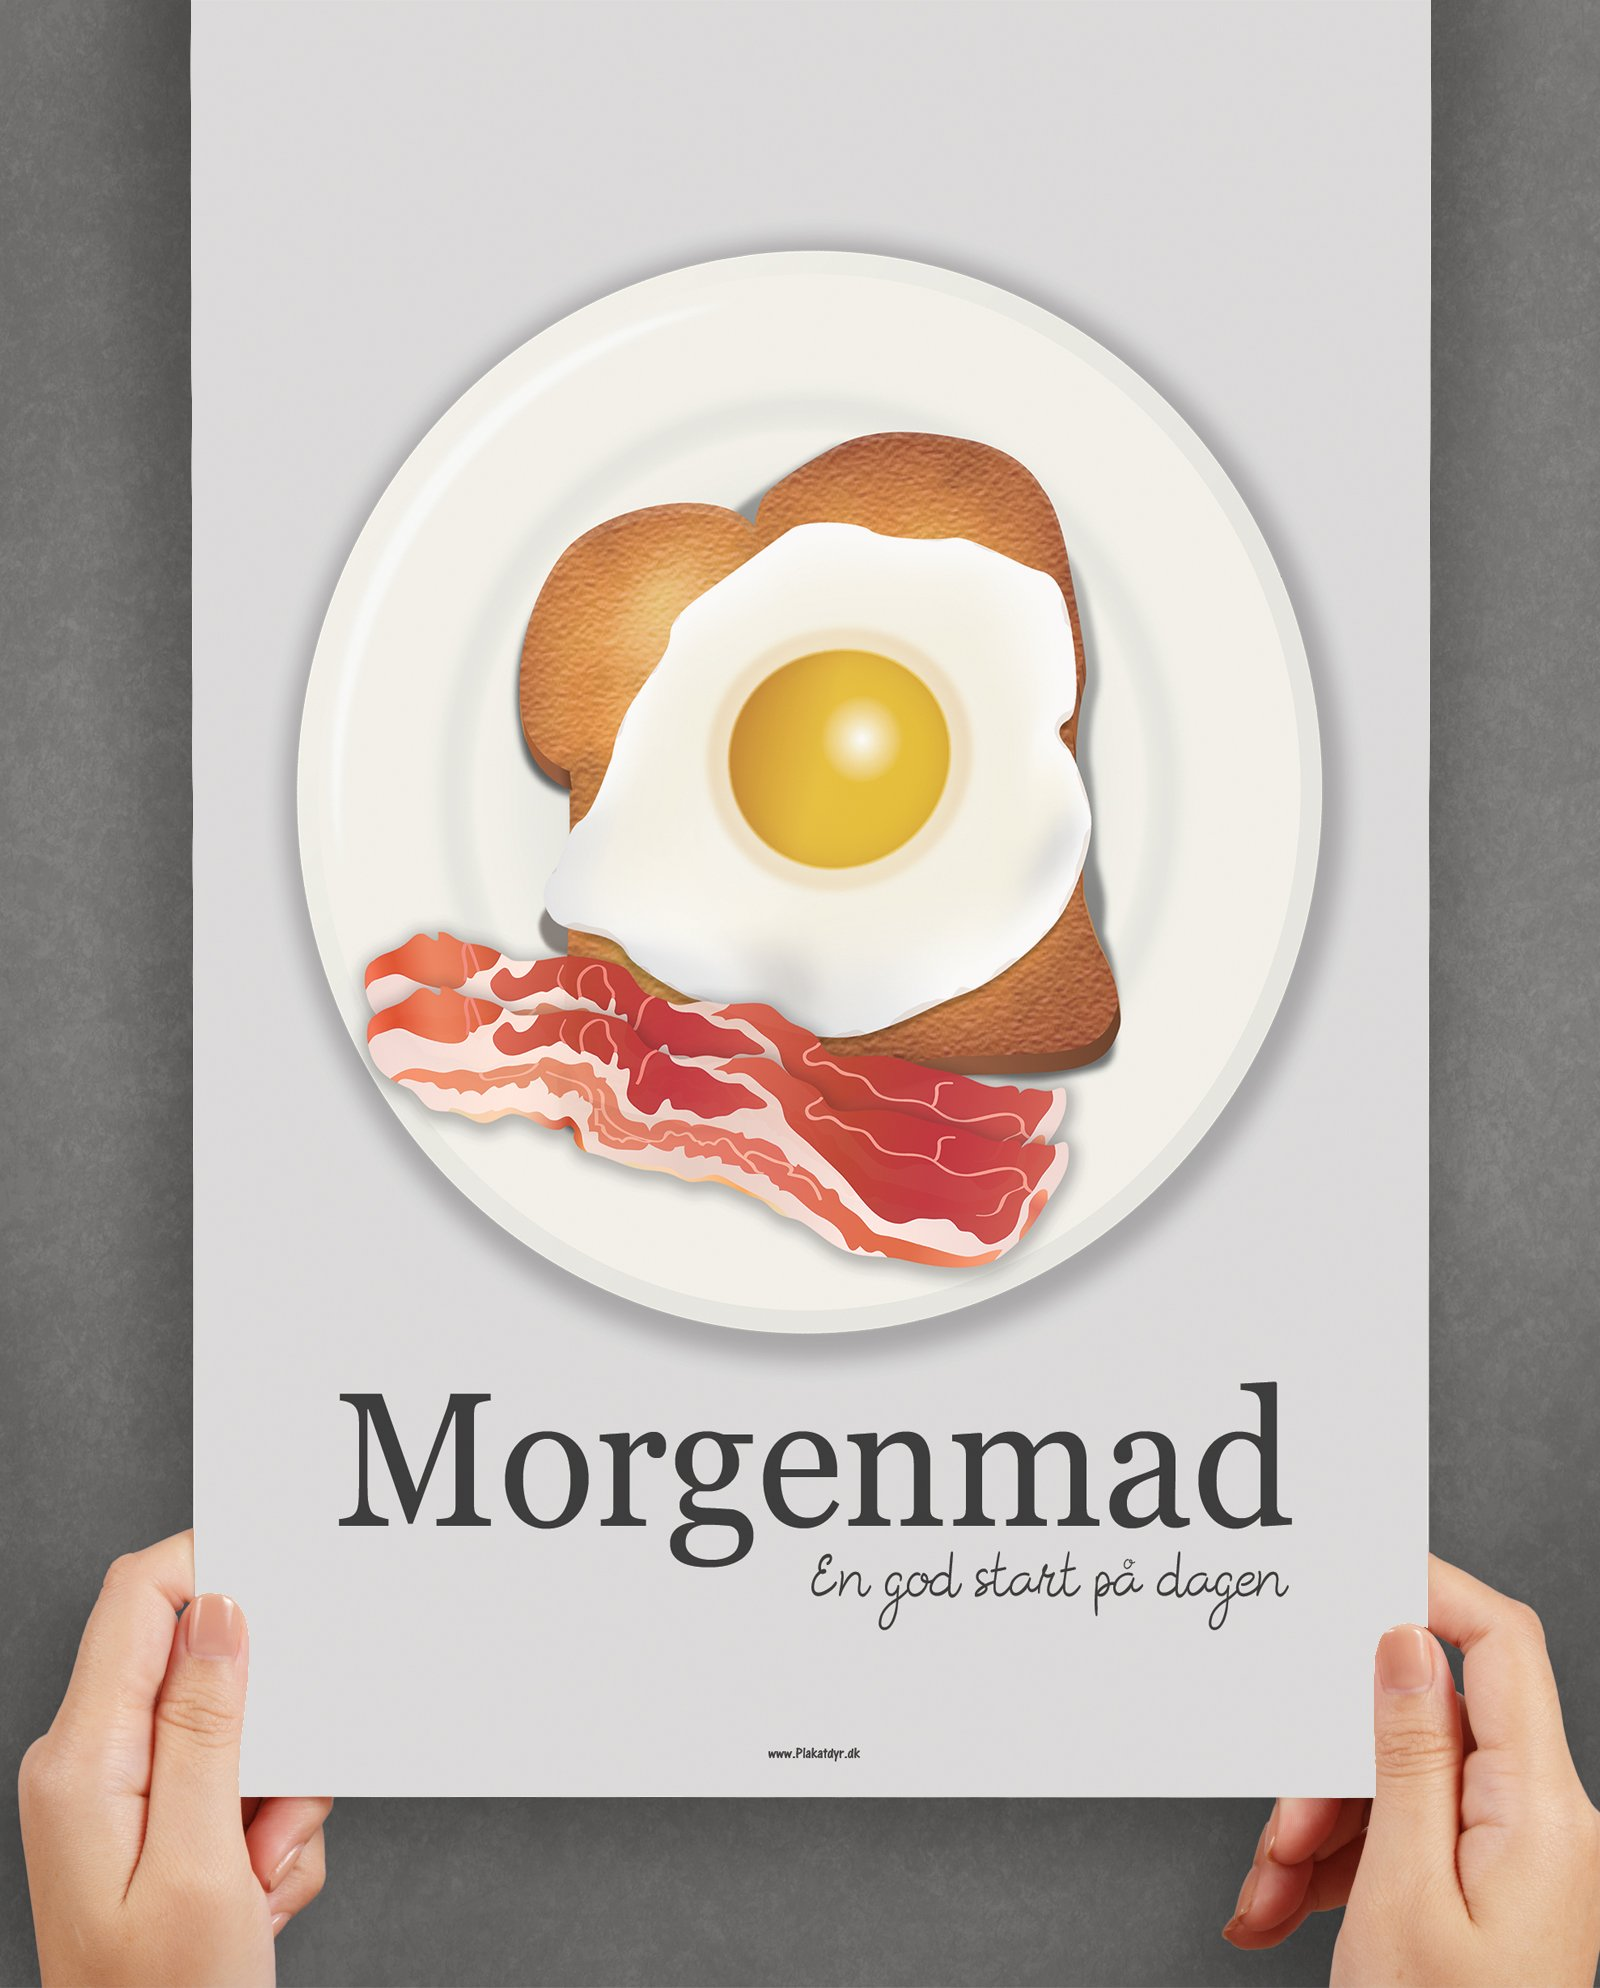 morgenmad-koekken-plakat-3